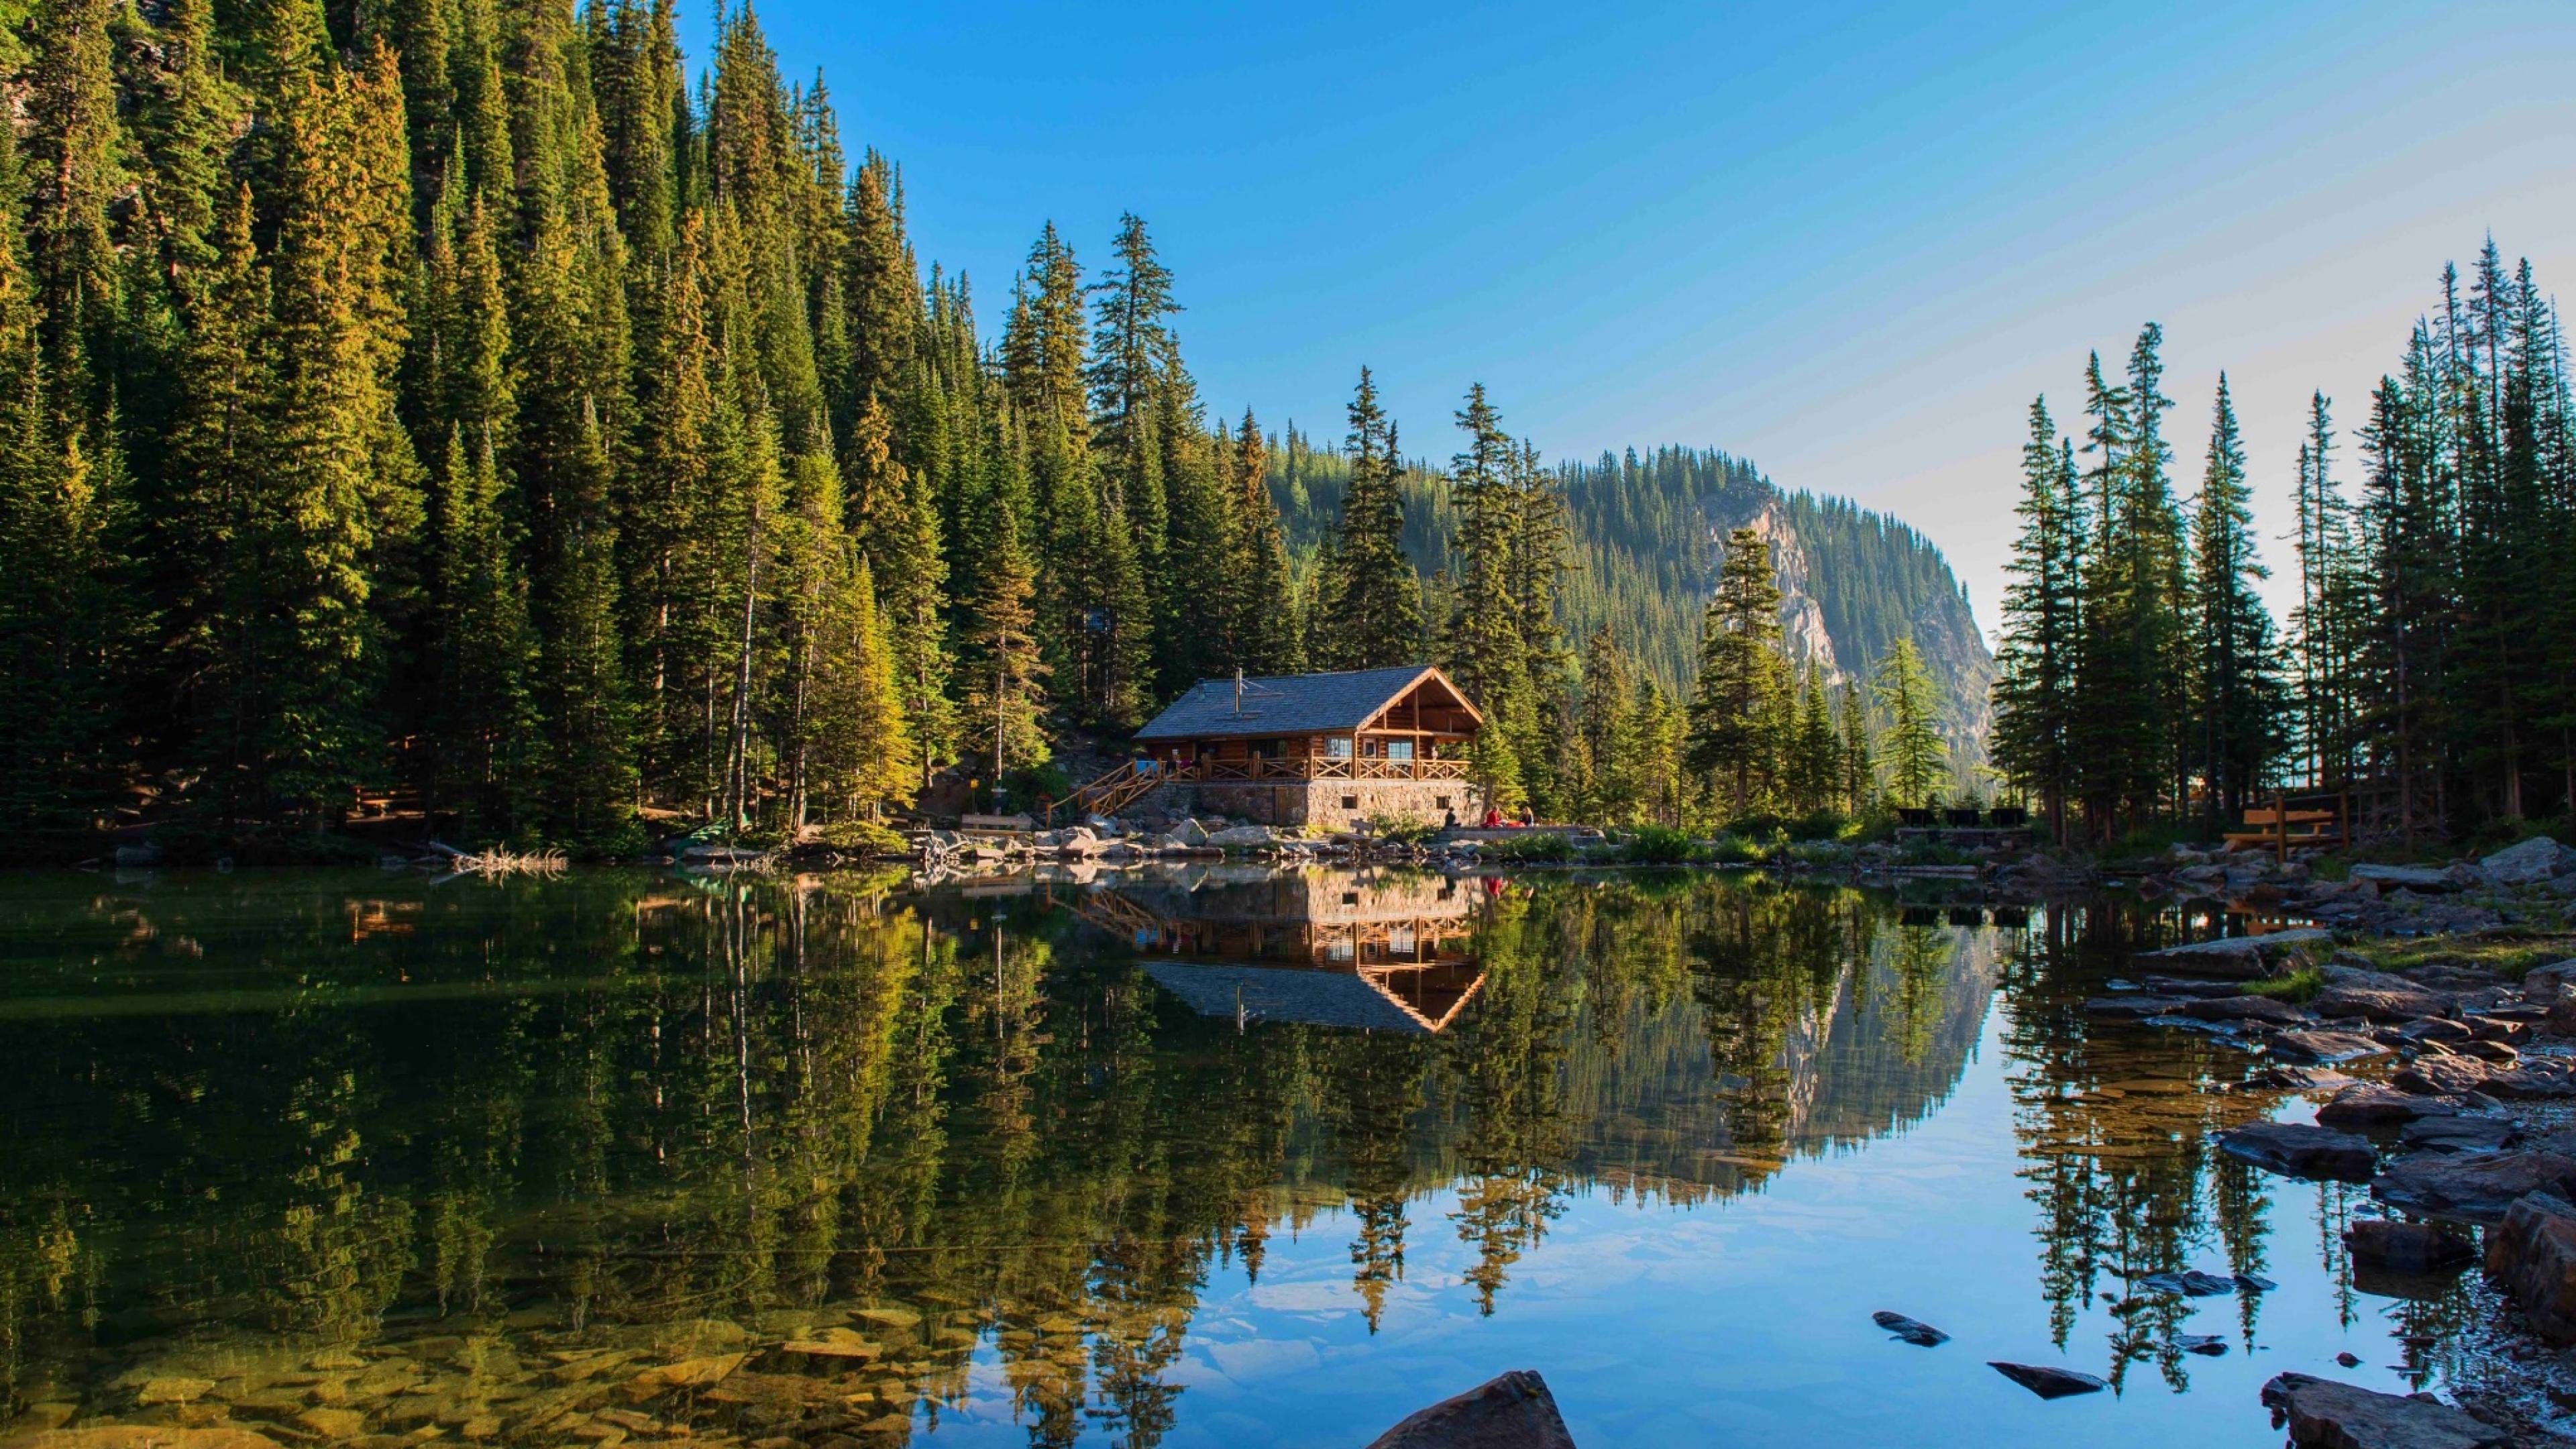 природа озеро дом лес деревья  № 2447965  скачать